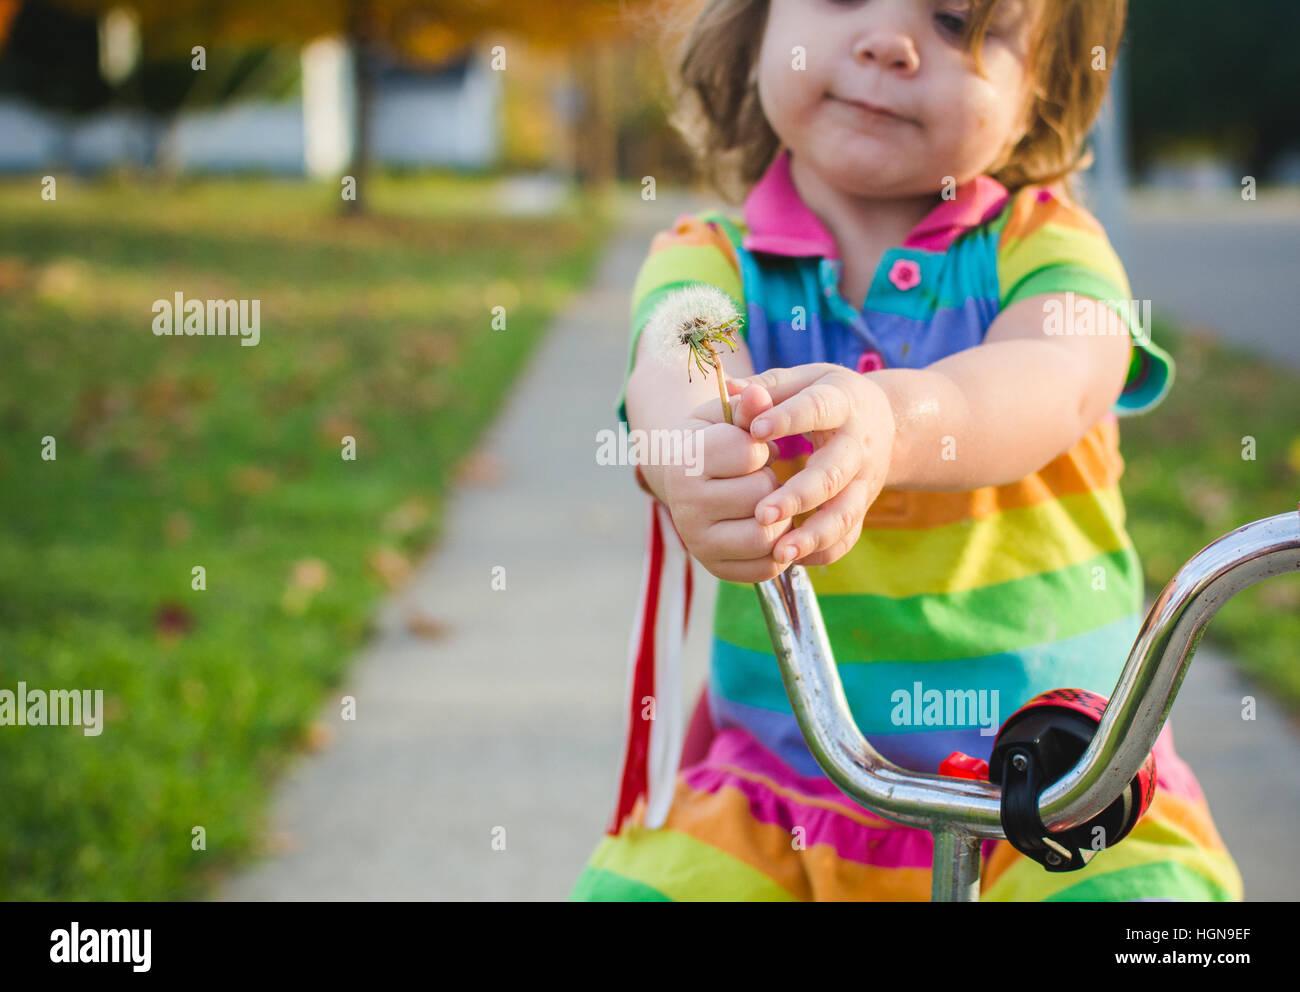 Ein junges Mädchen hält einen Löwenzahn sitzend auf einem Dreirad. Stockbild